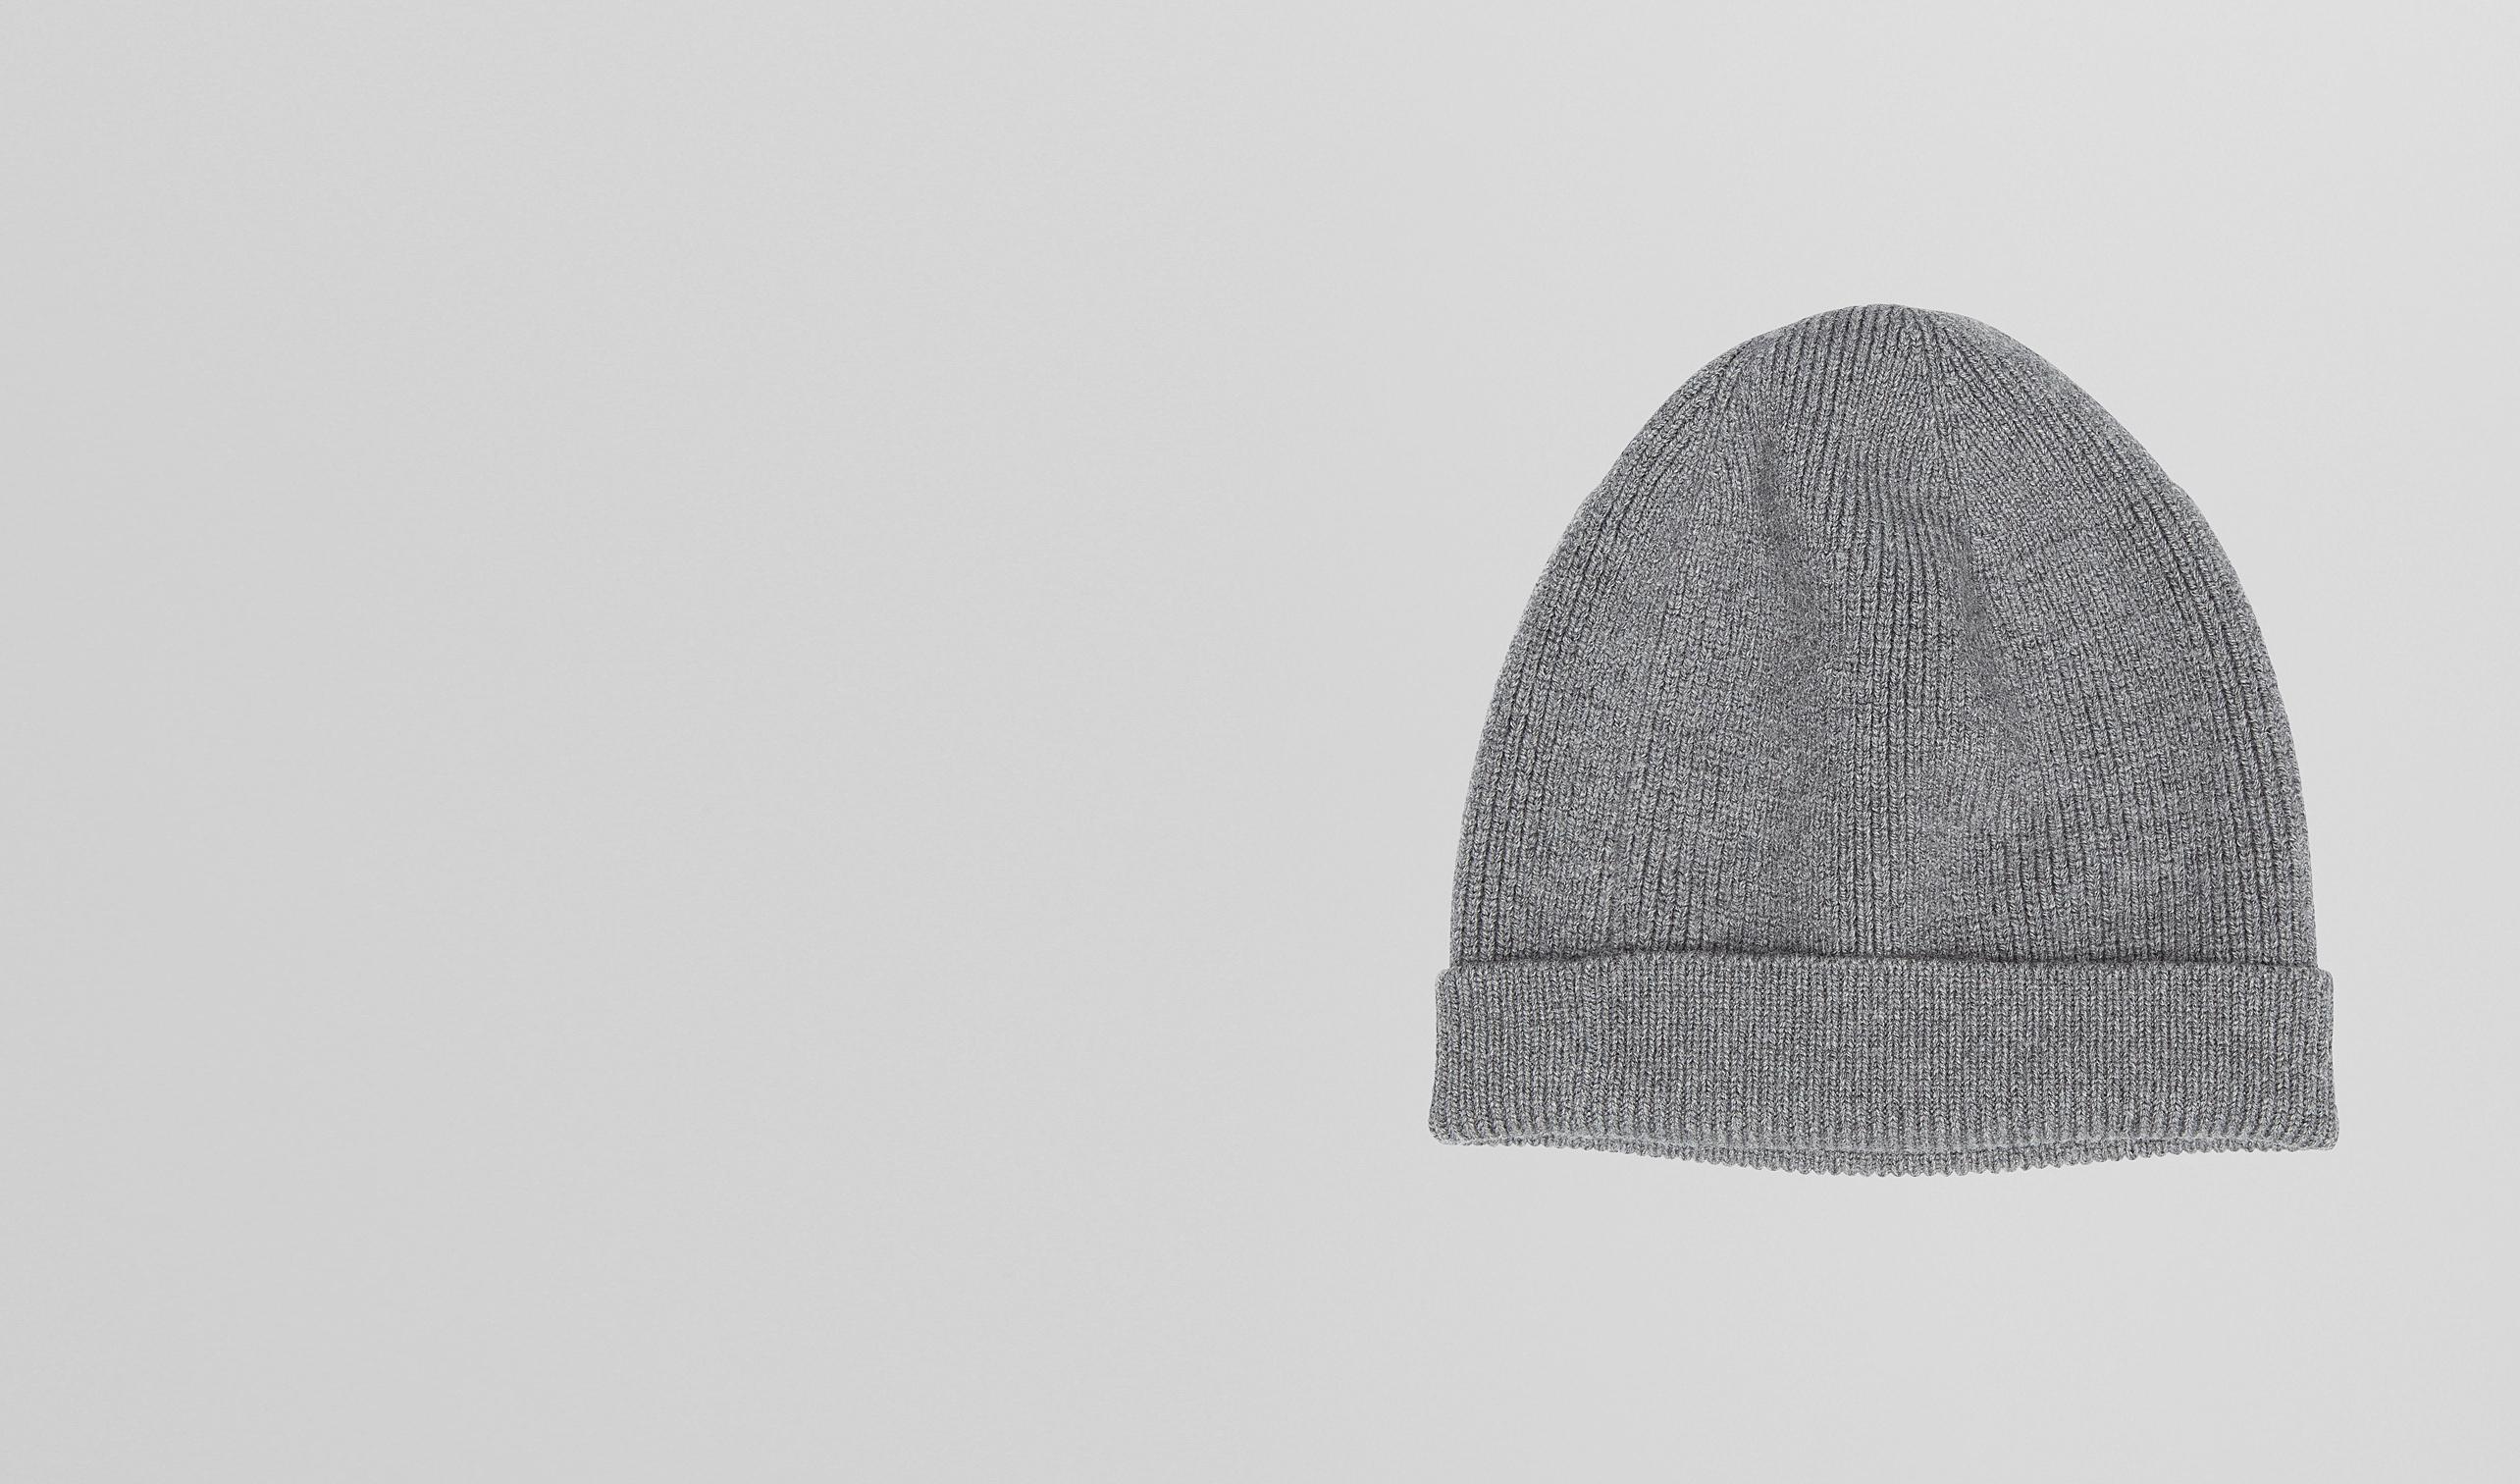 BOTTEGA VENETA écharpe ou gant ou chapeau U BONNET ARDOISE EN MÉLANGE DE LAINE MÉRINOS pl